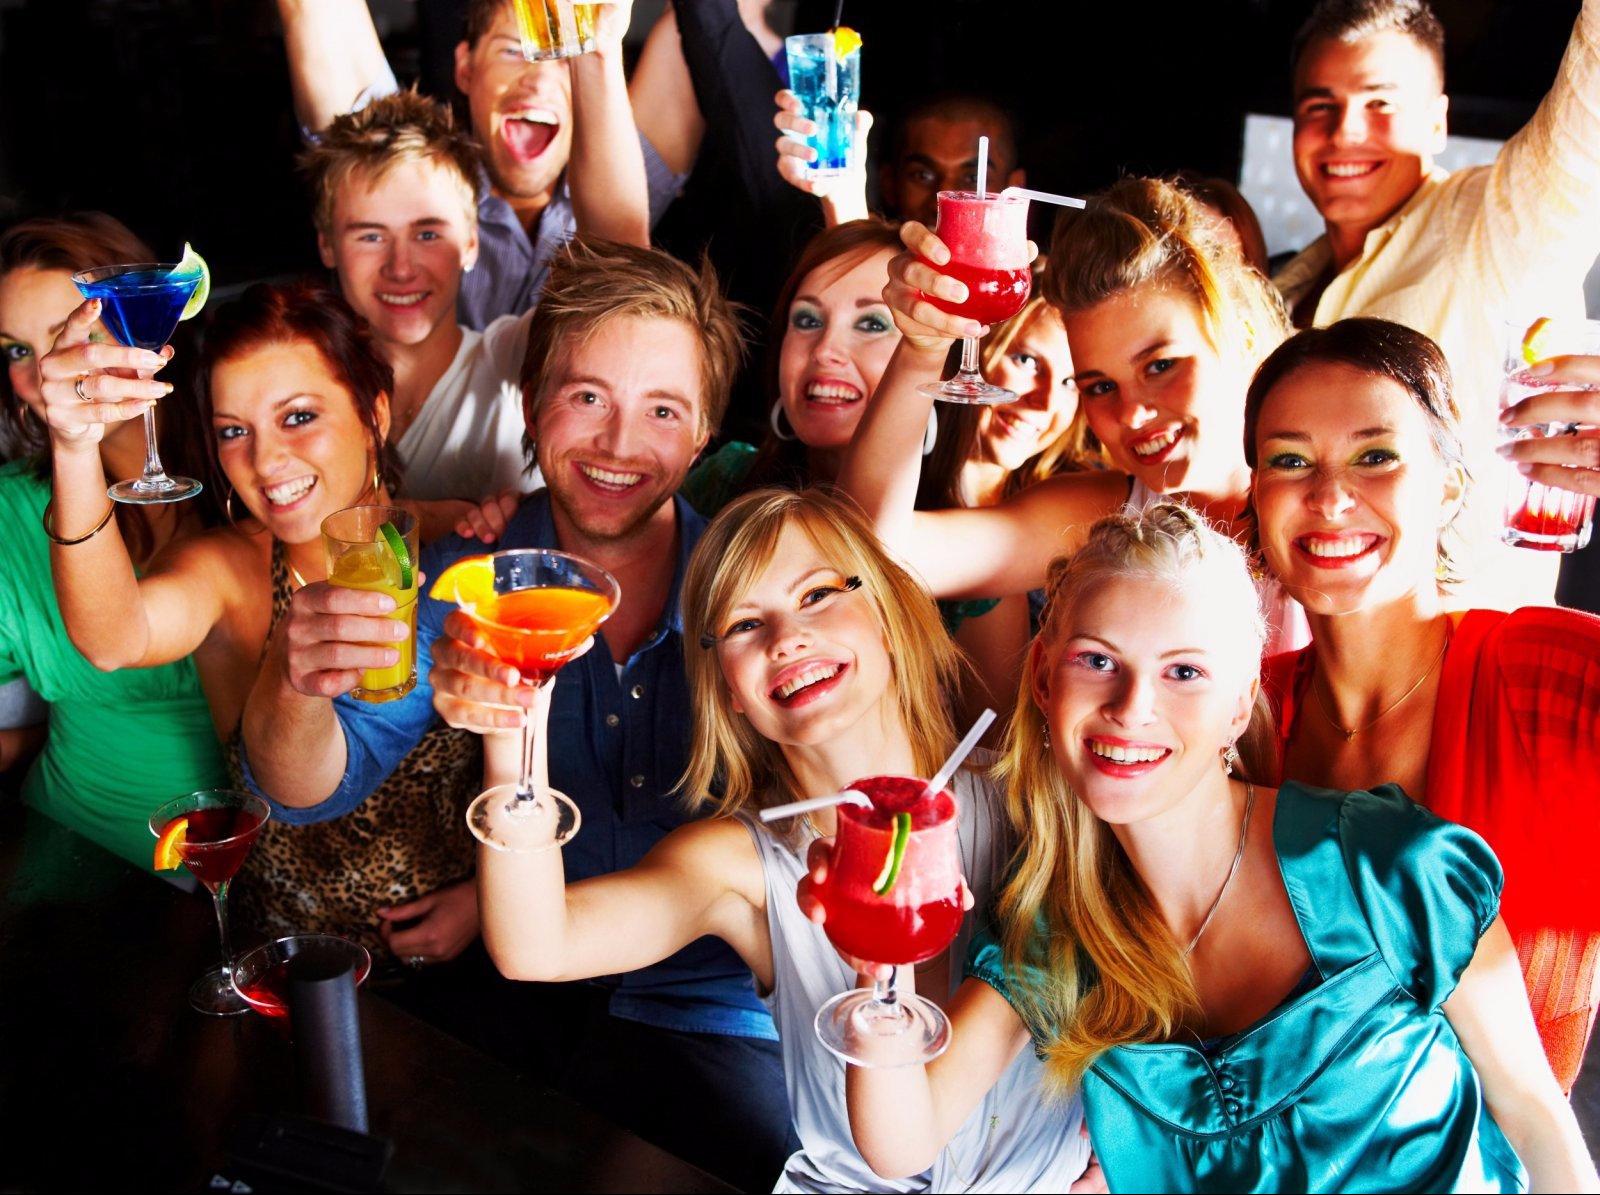 fiesta-amigos-Rodeo Diner - Villena